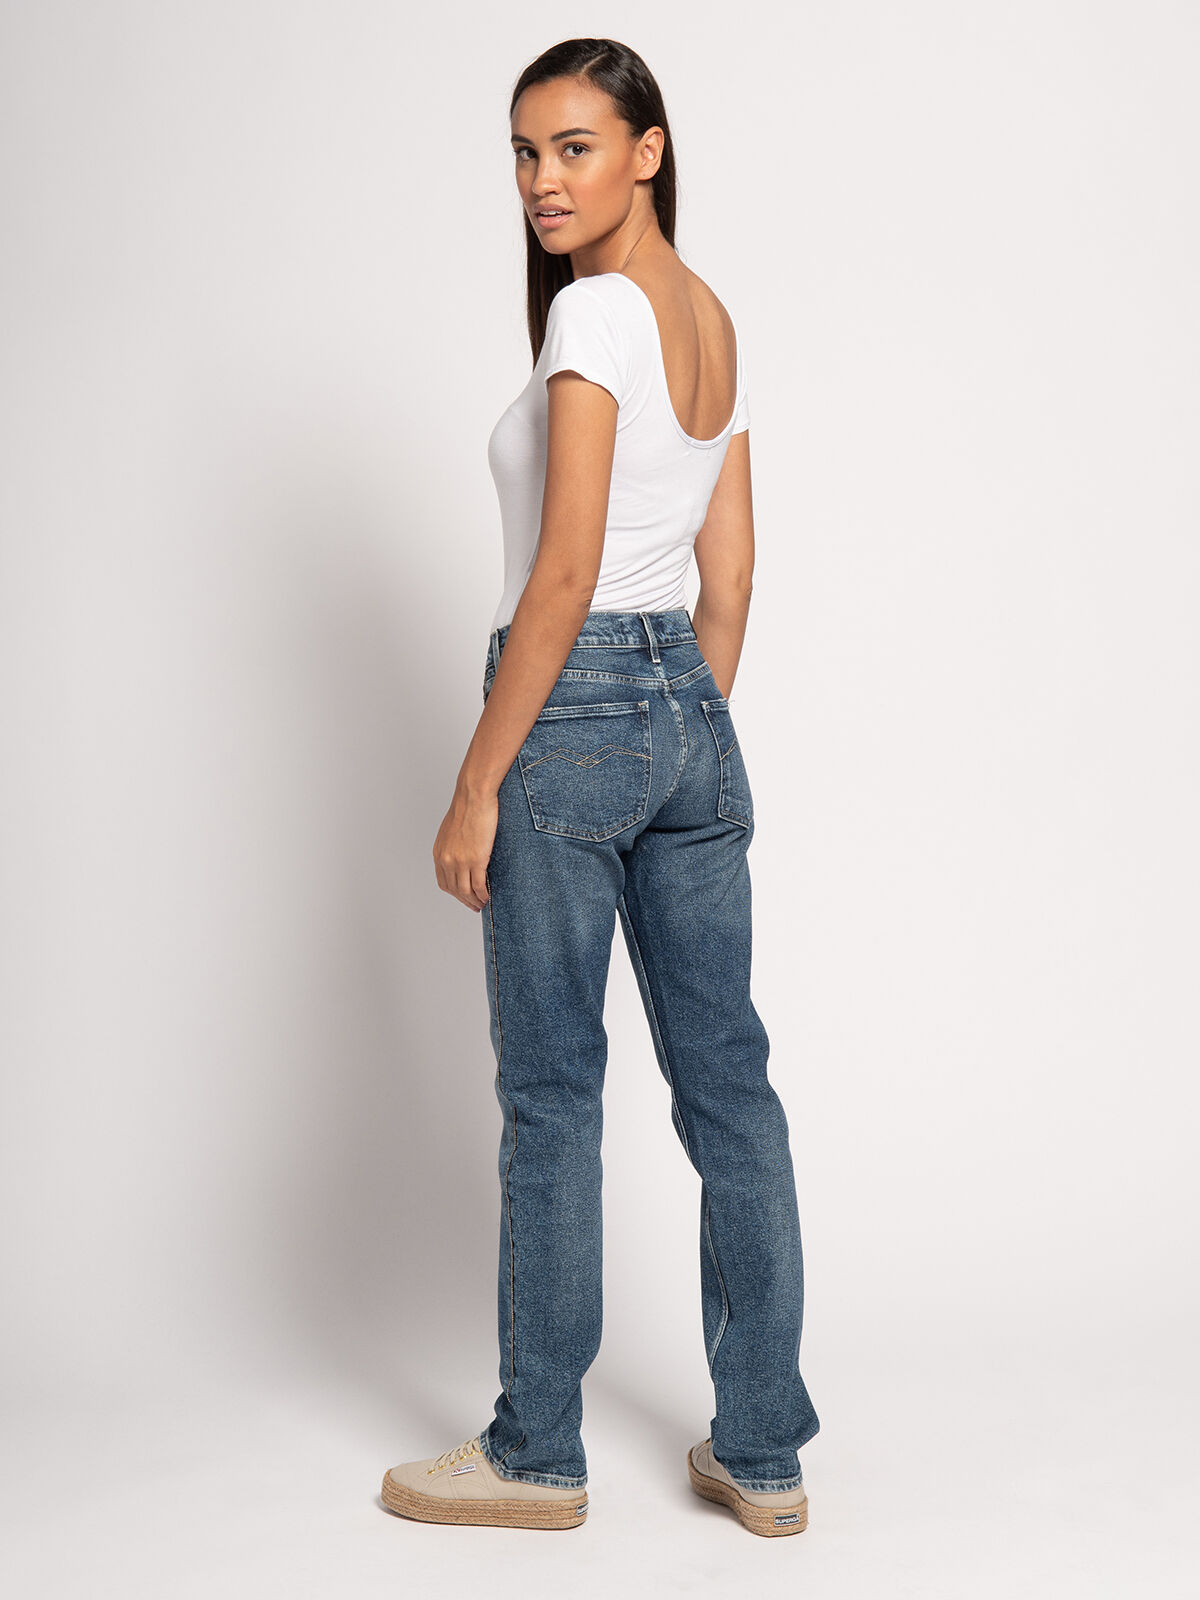 Joplin Jeans